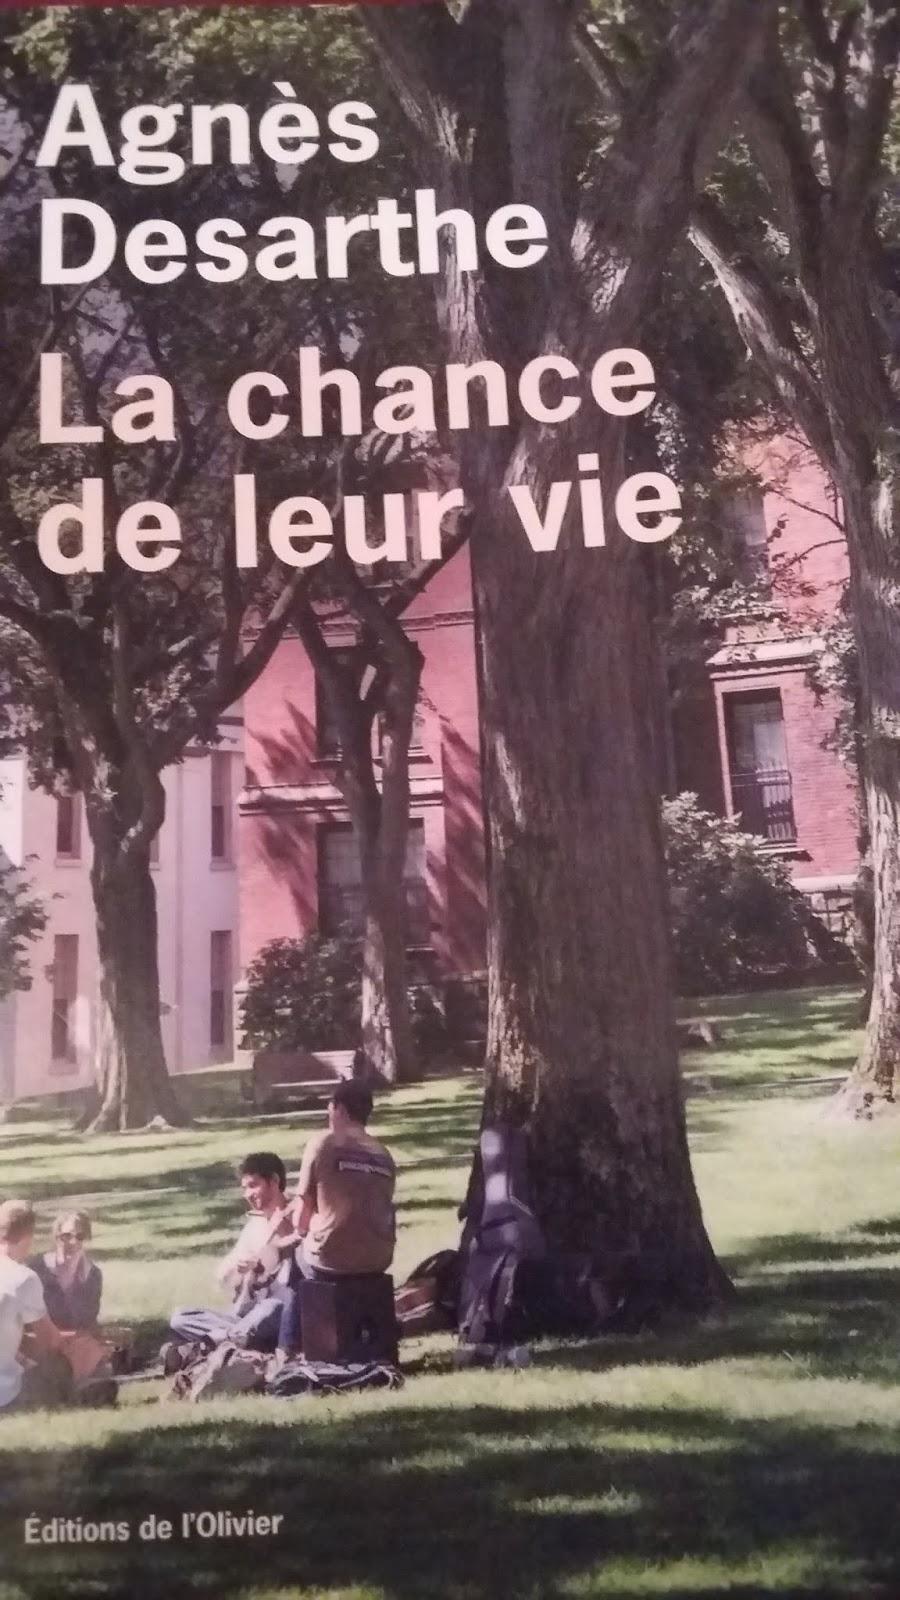 La Chance De Leur Vie : chance, Livre:, Chance, Agnès, Desarthe, [RL2018